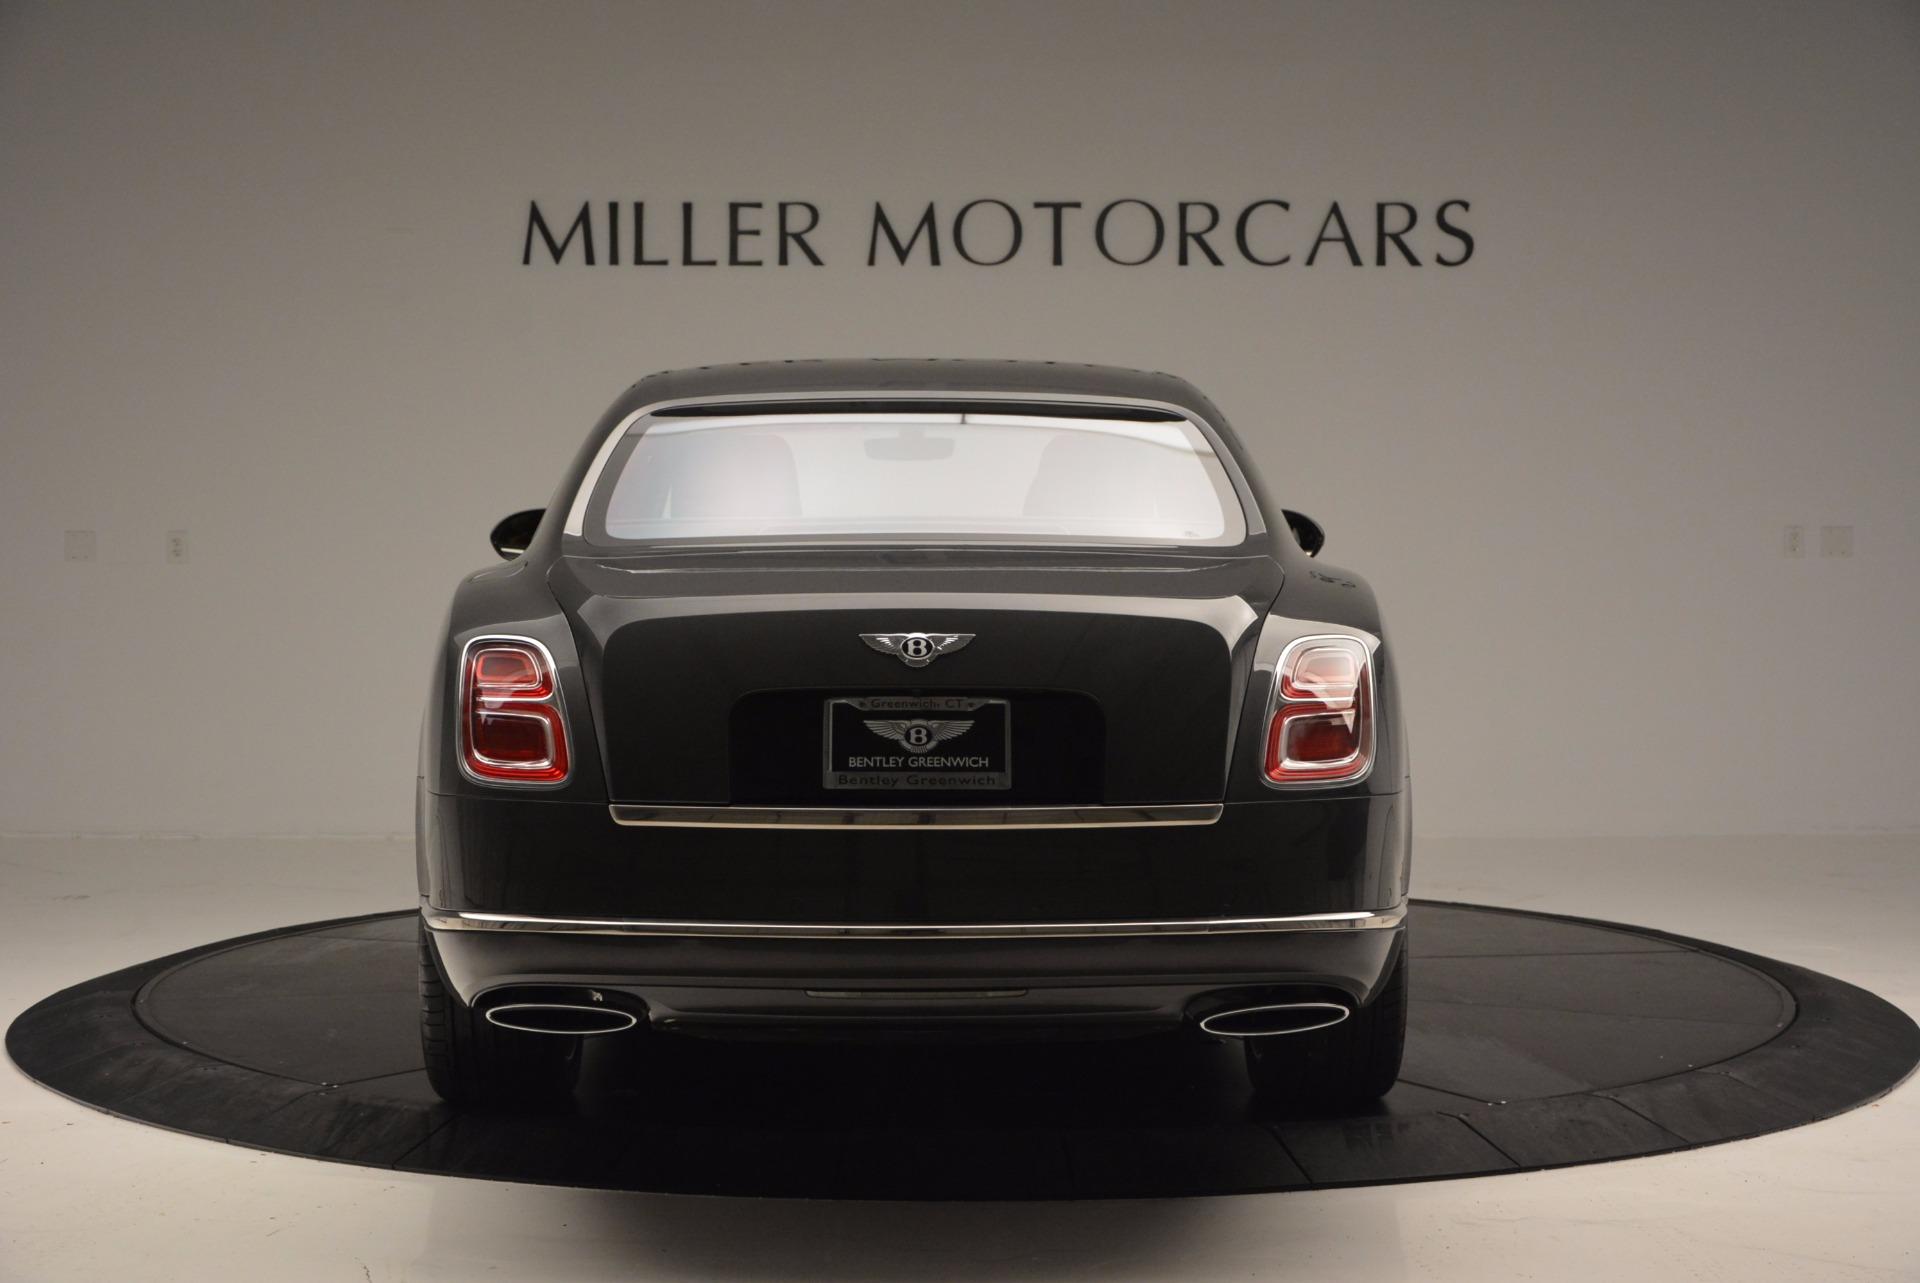 New 2017 Bentley Mulsanne  For Sale In Westport, CT 508_p6